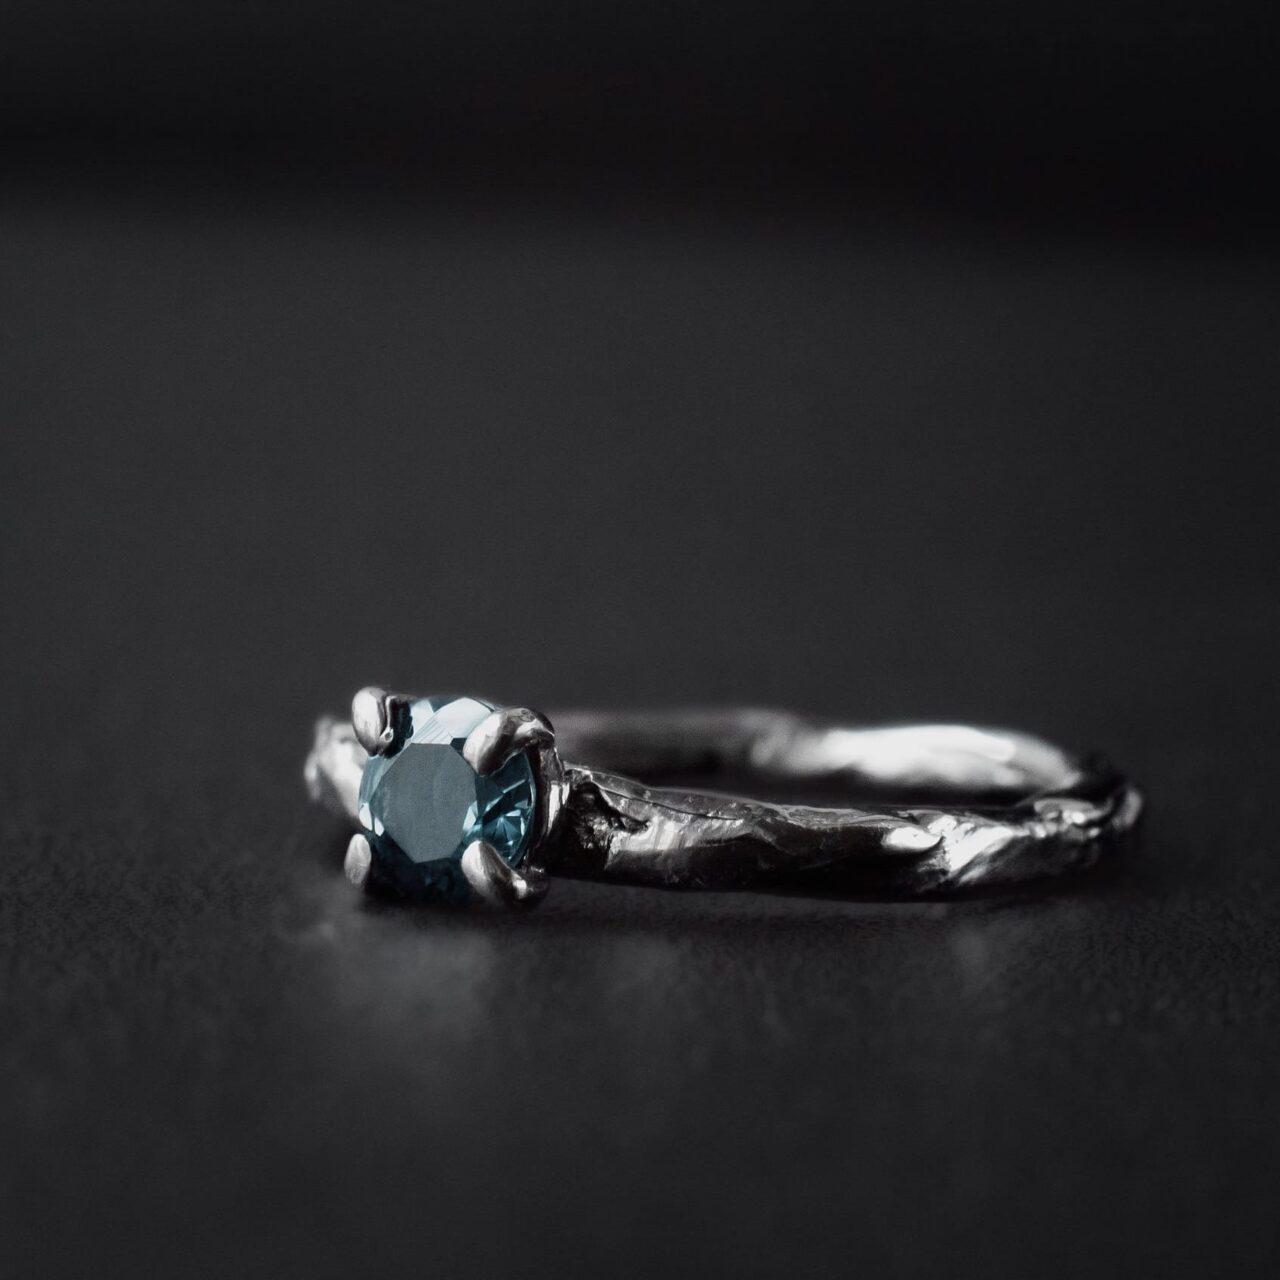 Кольцо текстурное с камнем 5 мм, черное